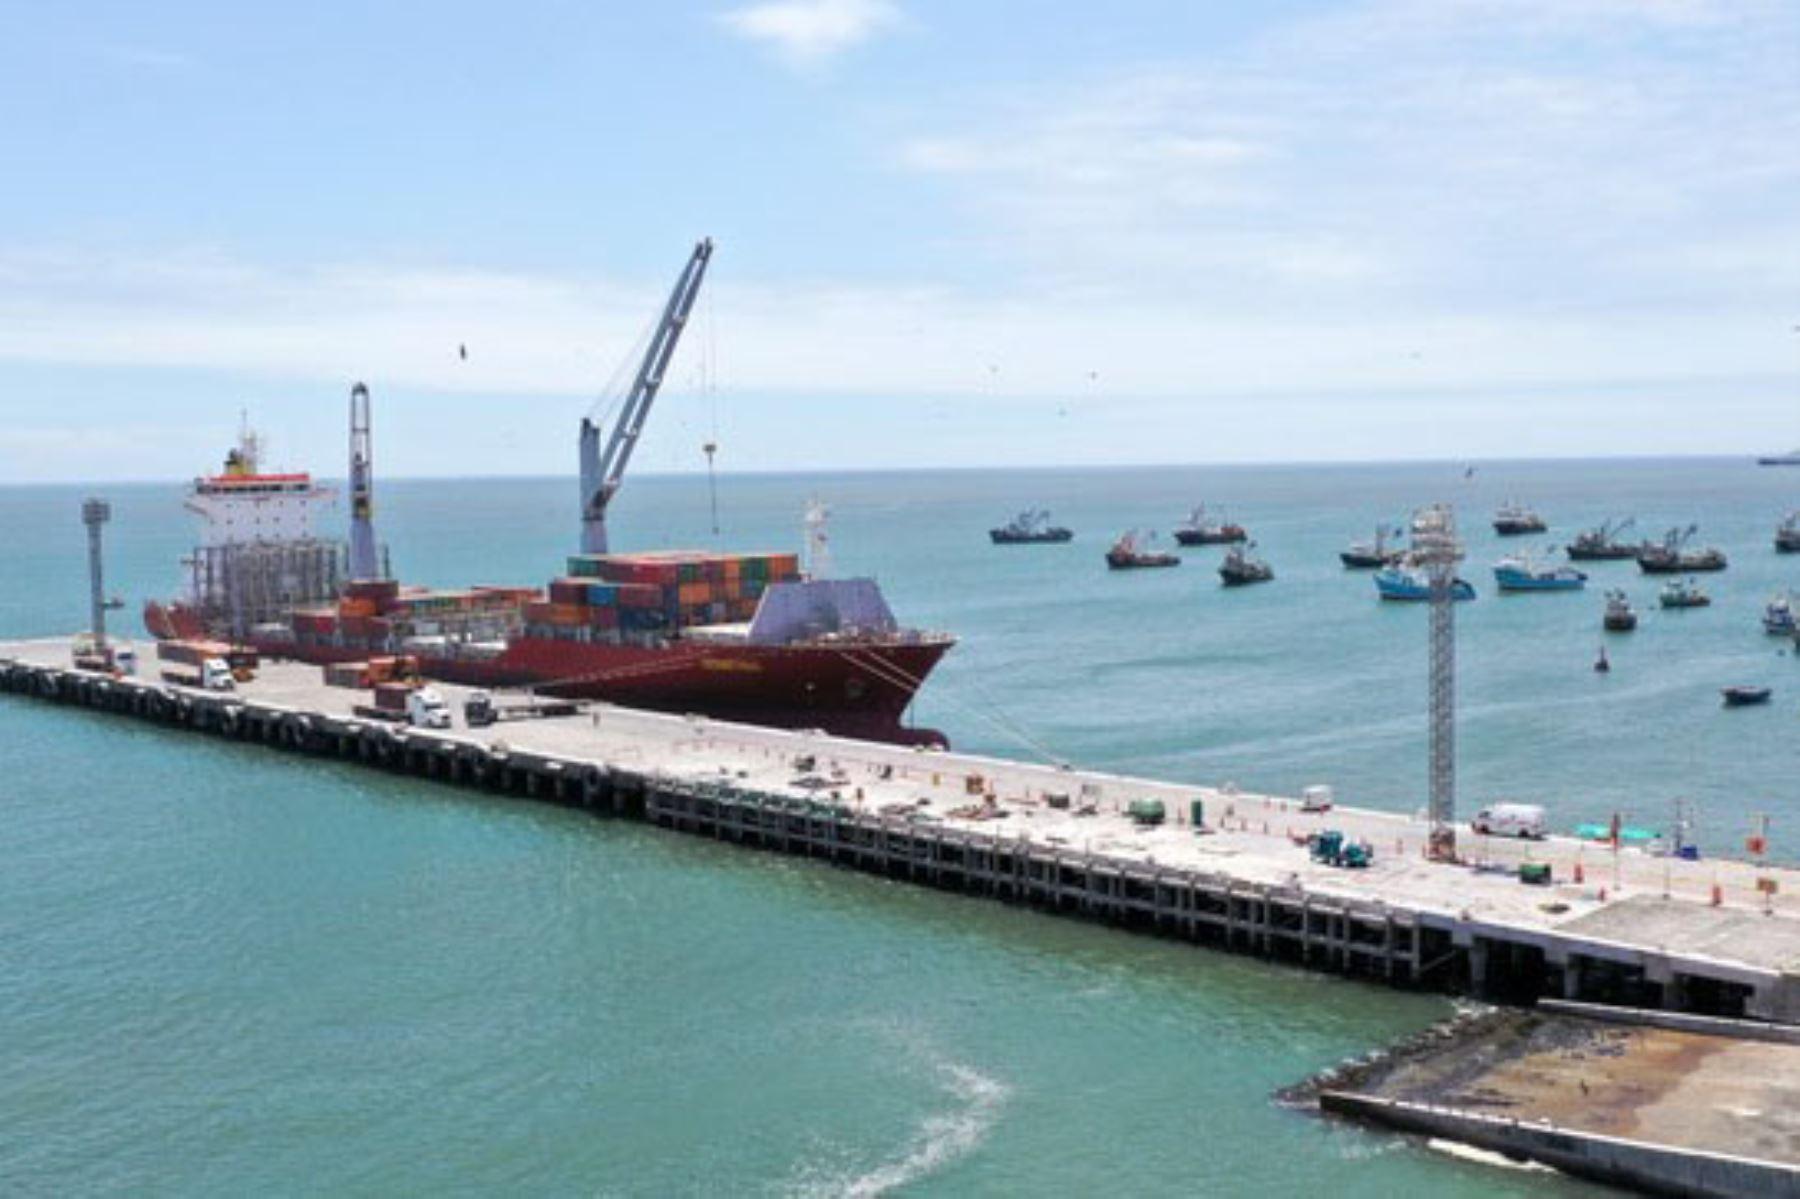 Varias obras se reiniciarán en Moquegua en esta segunda fase de la reactivación económica, informó el viceministro de Transportes, Carlos Estremadoyro. Foto: MTC